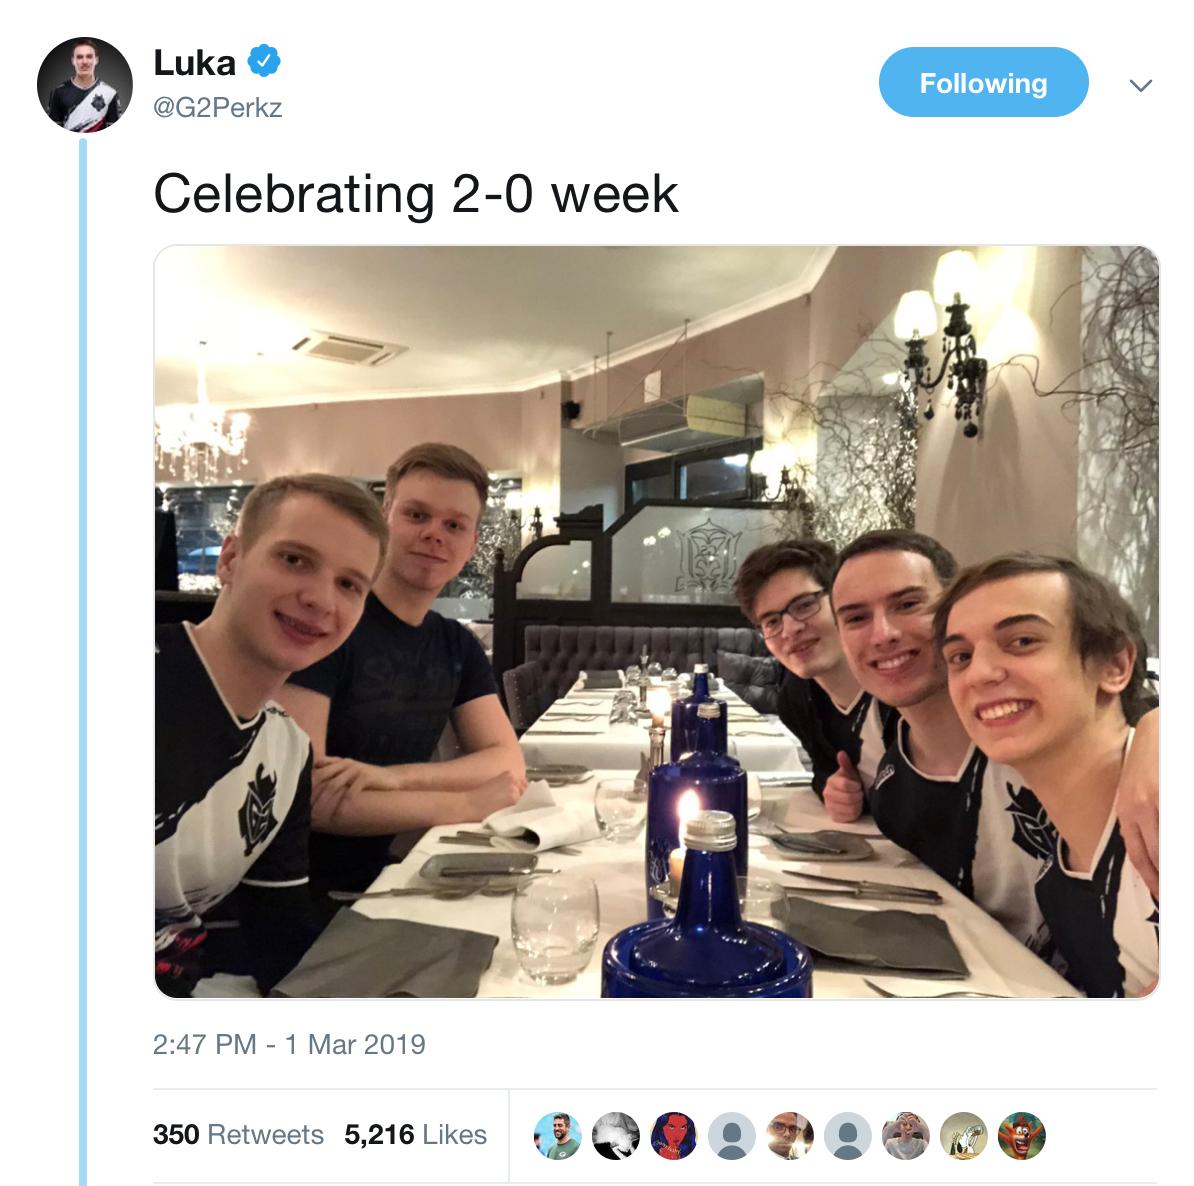 G2惨遭翻盘 赛前众人聚餐庆祝本周2